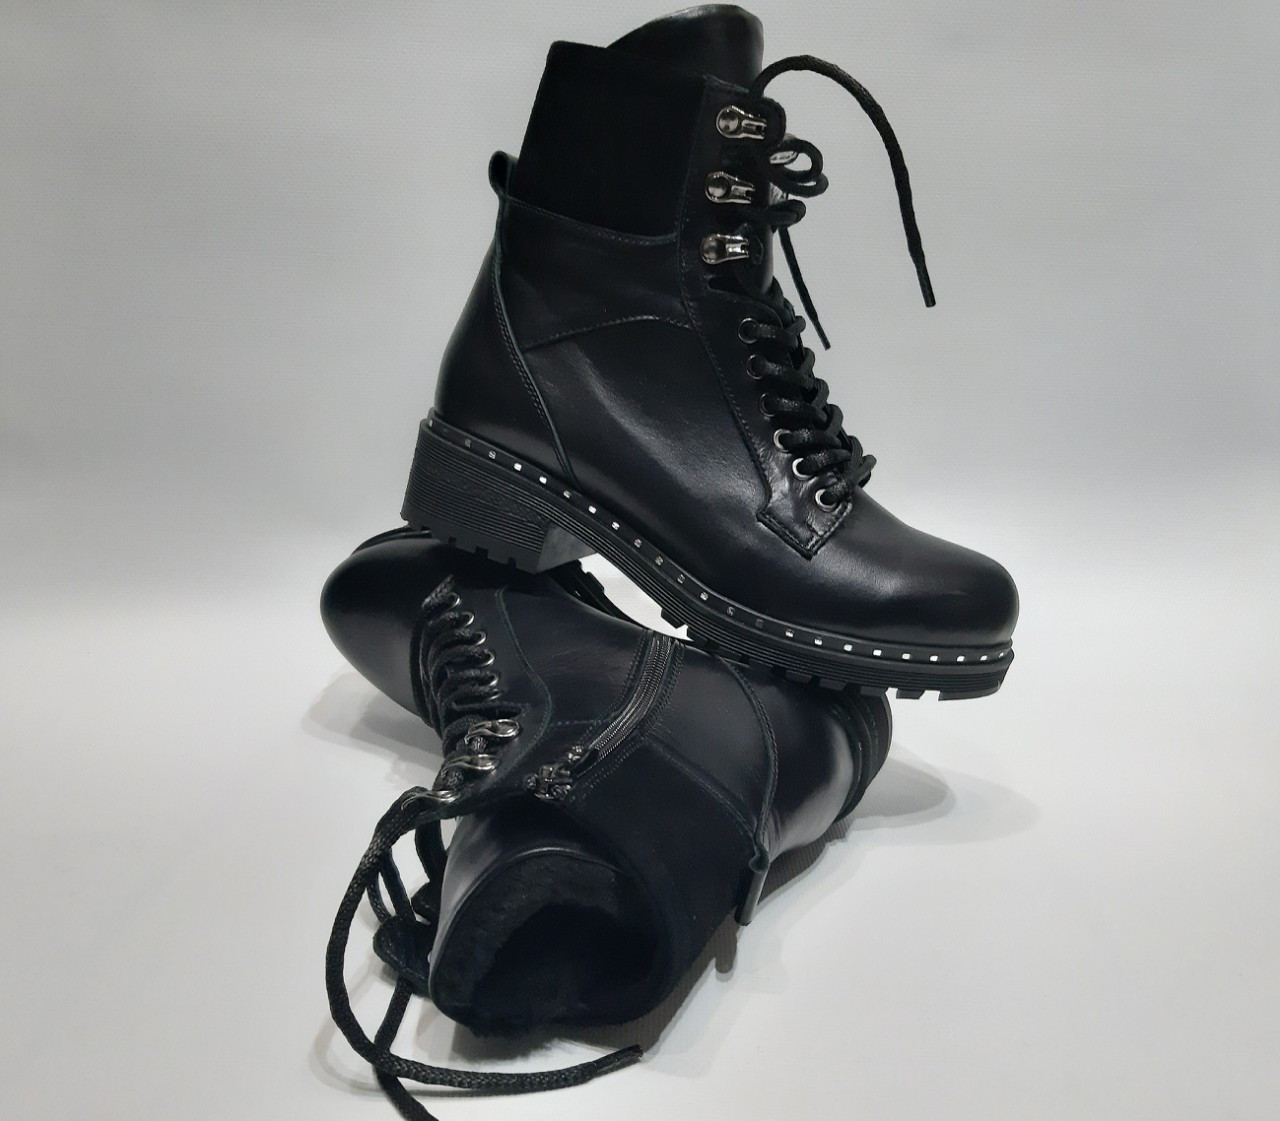 4355df7258cdac Ботинки женские кожа и замша натуральная зимние код 300: продажа ...